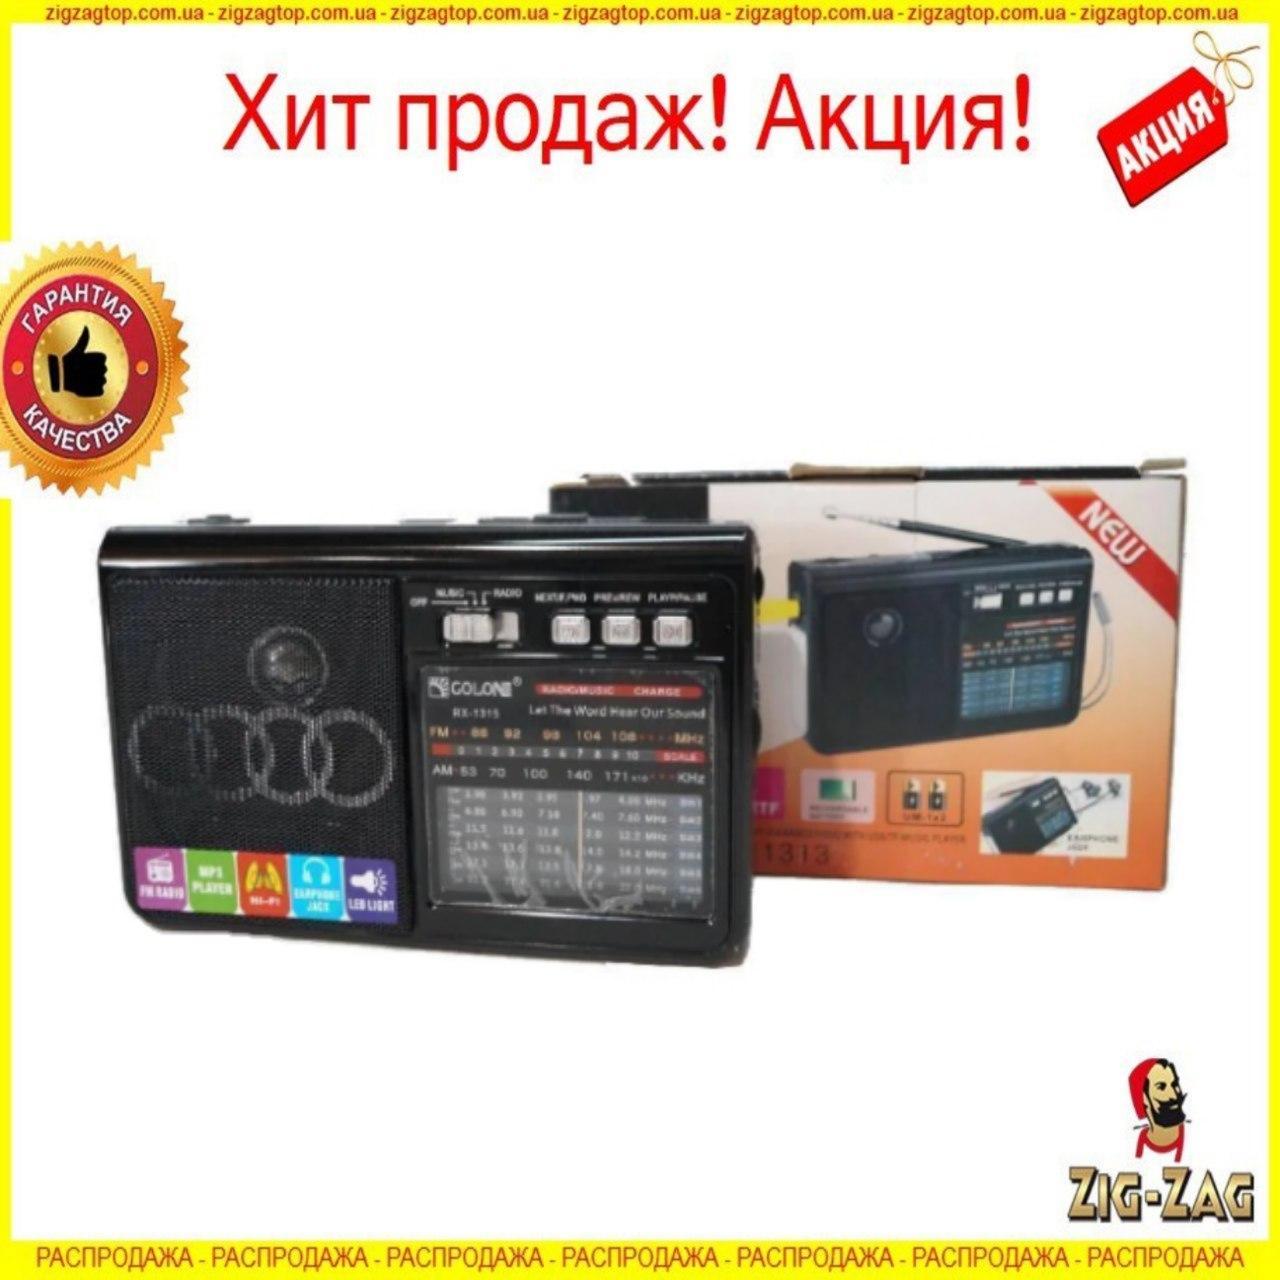 Радиоприёмник колонка Golon RX-1313 MP3 USB SD Черный Аккумуляторный Радио ФМ FM Магнитофон на Пикник, Природу